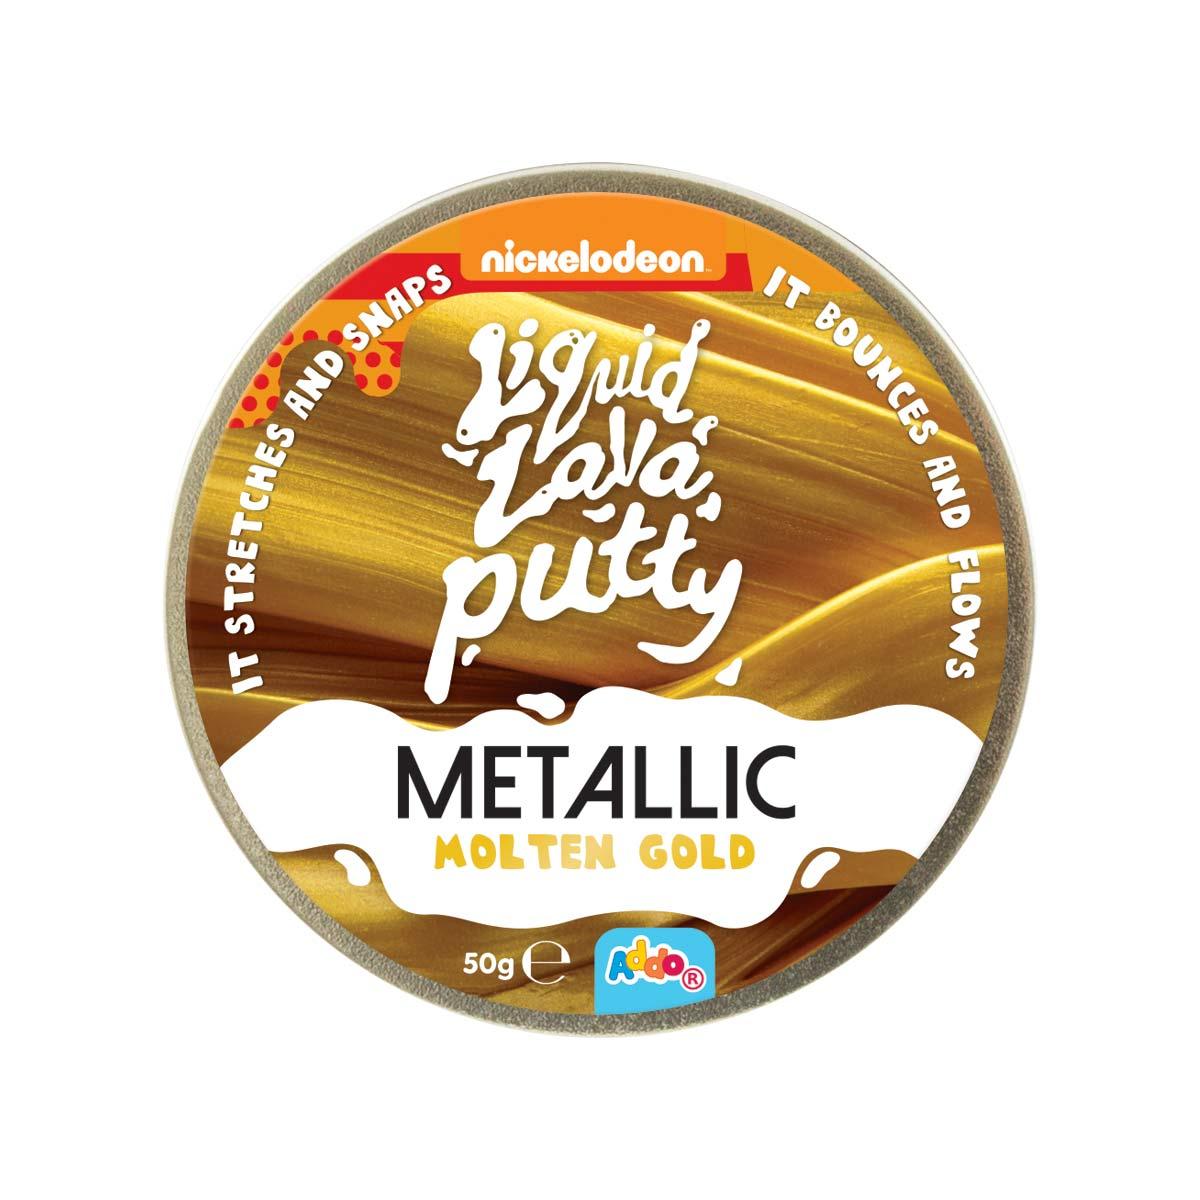 Plastilina inteligenta Nickelodeon Lava Putty, Metallic Gold